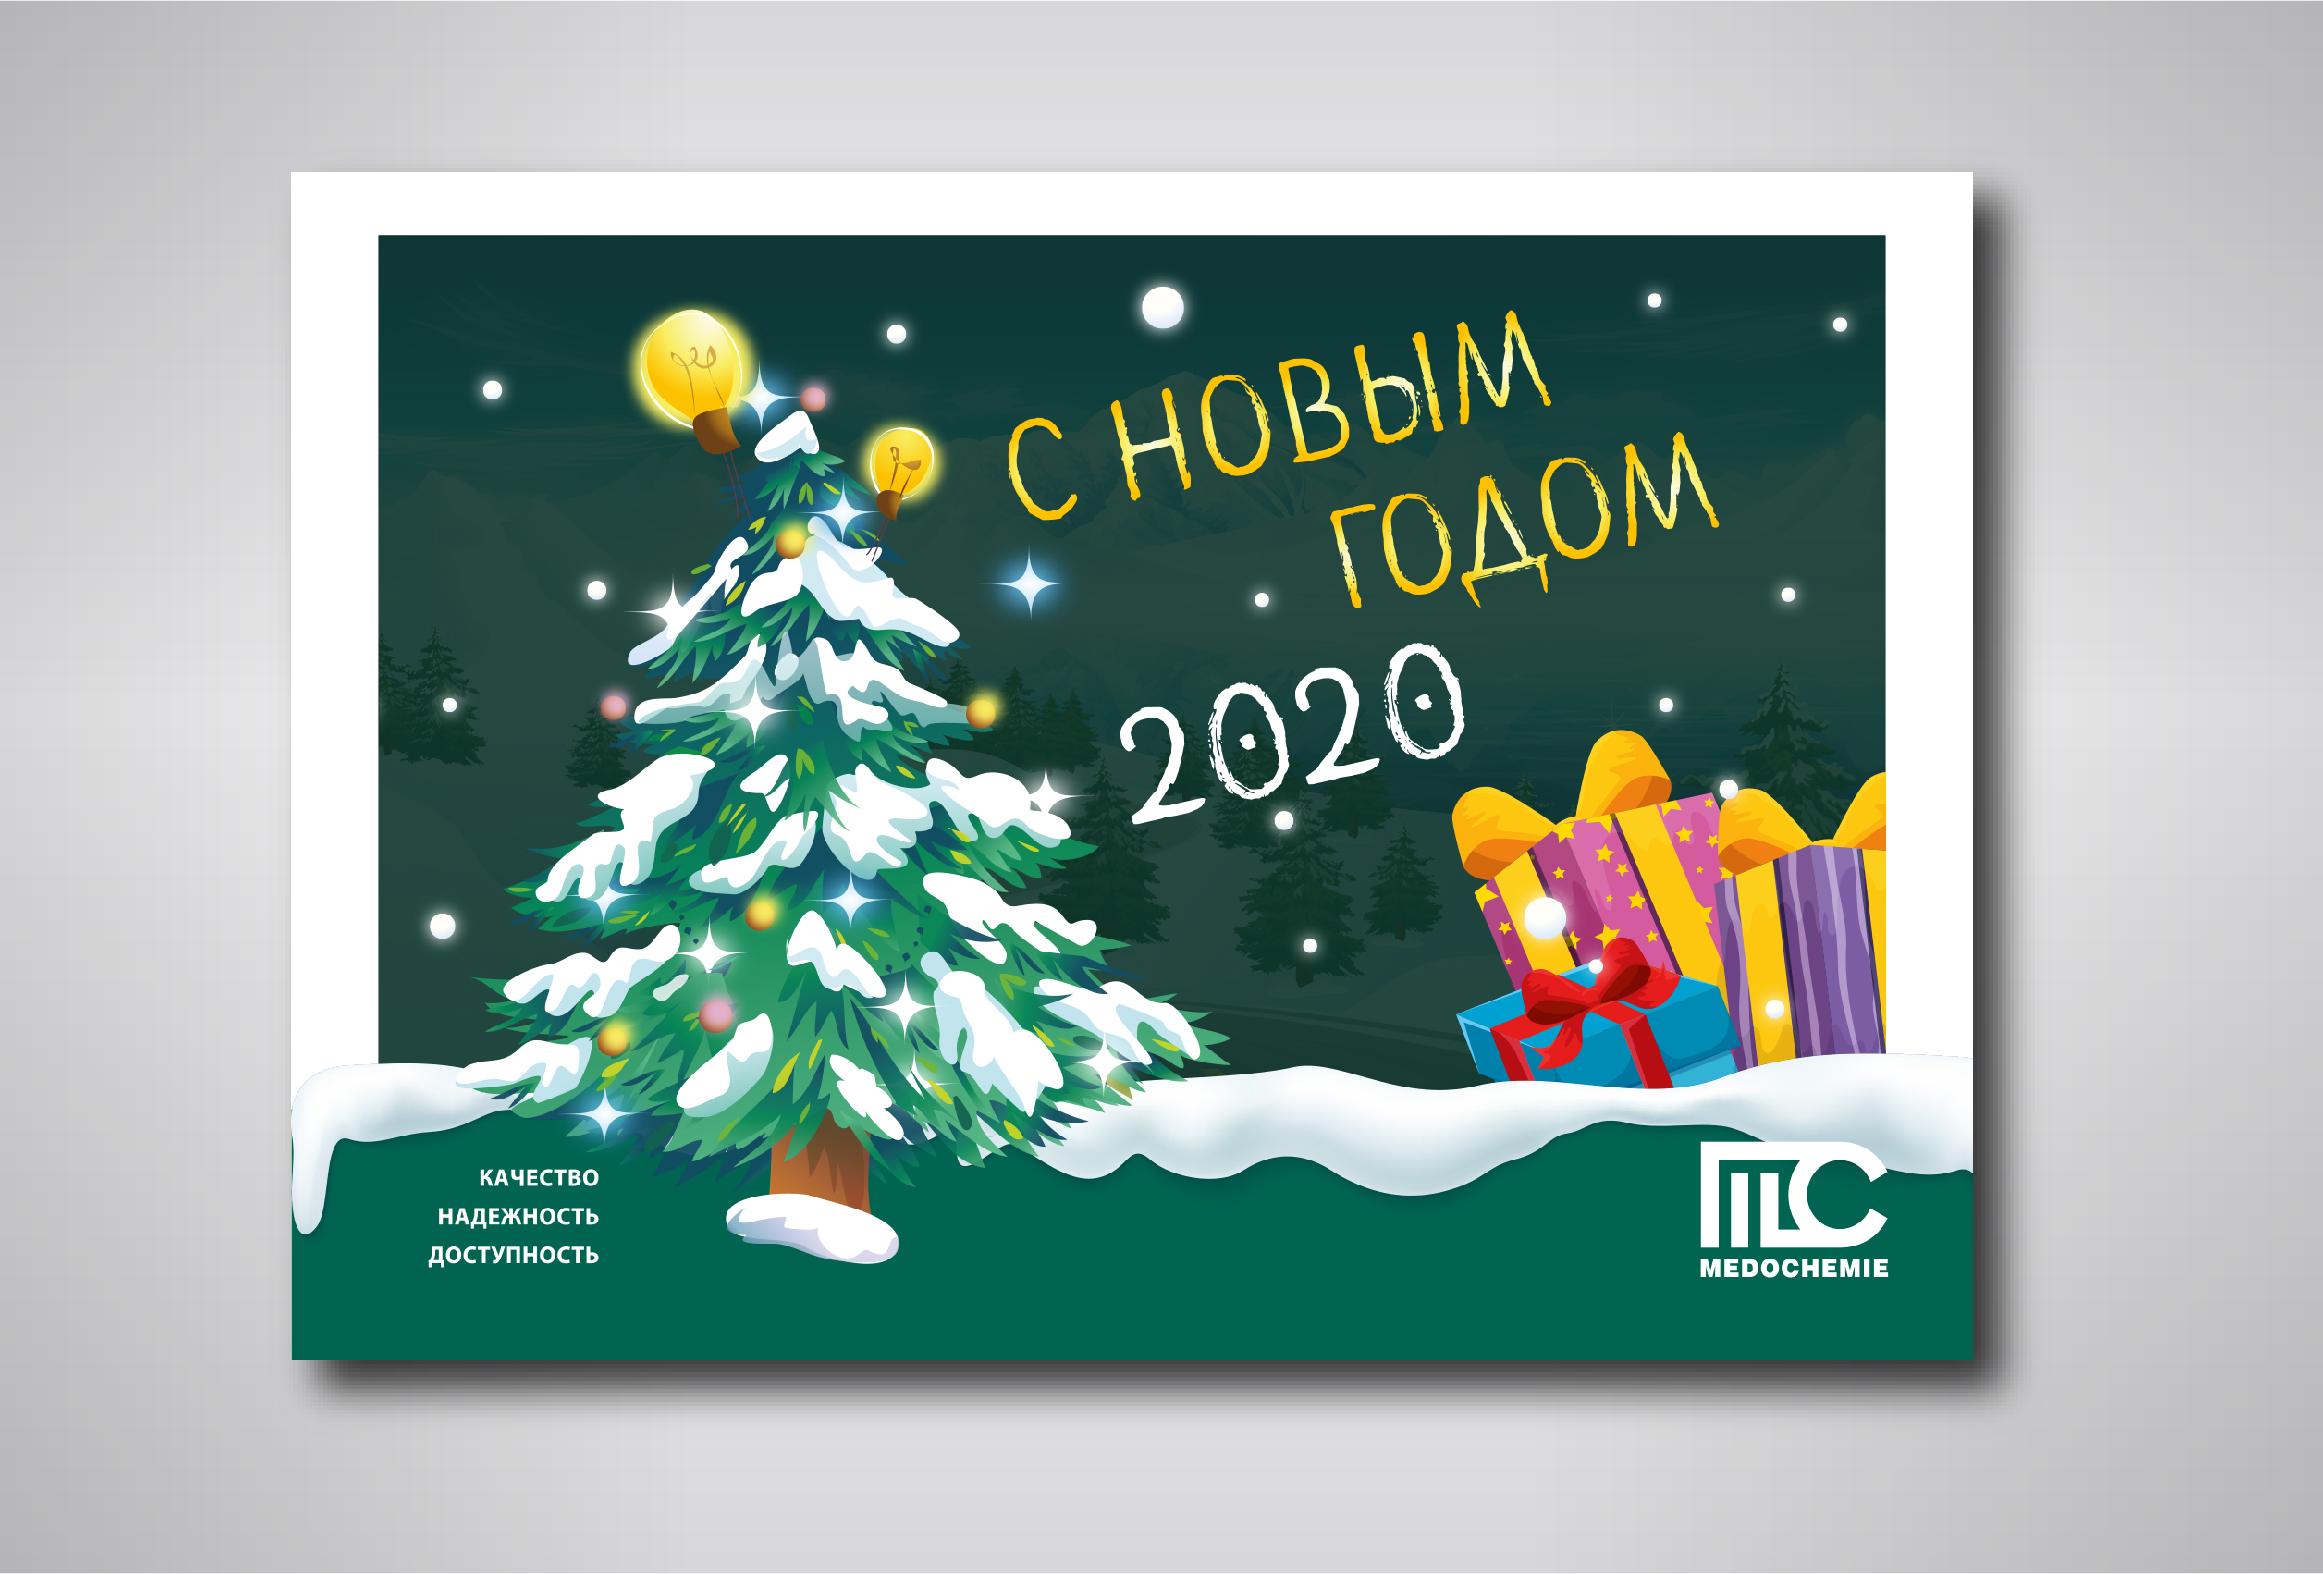 Medochemie, открытка, новый год, 2020